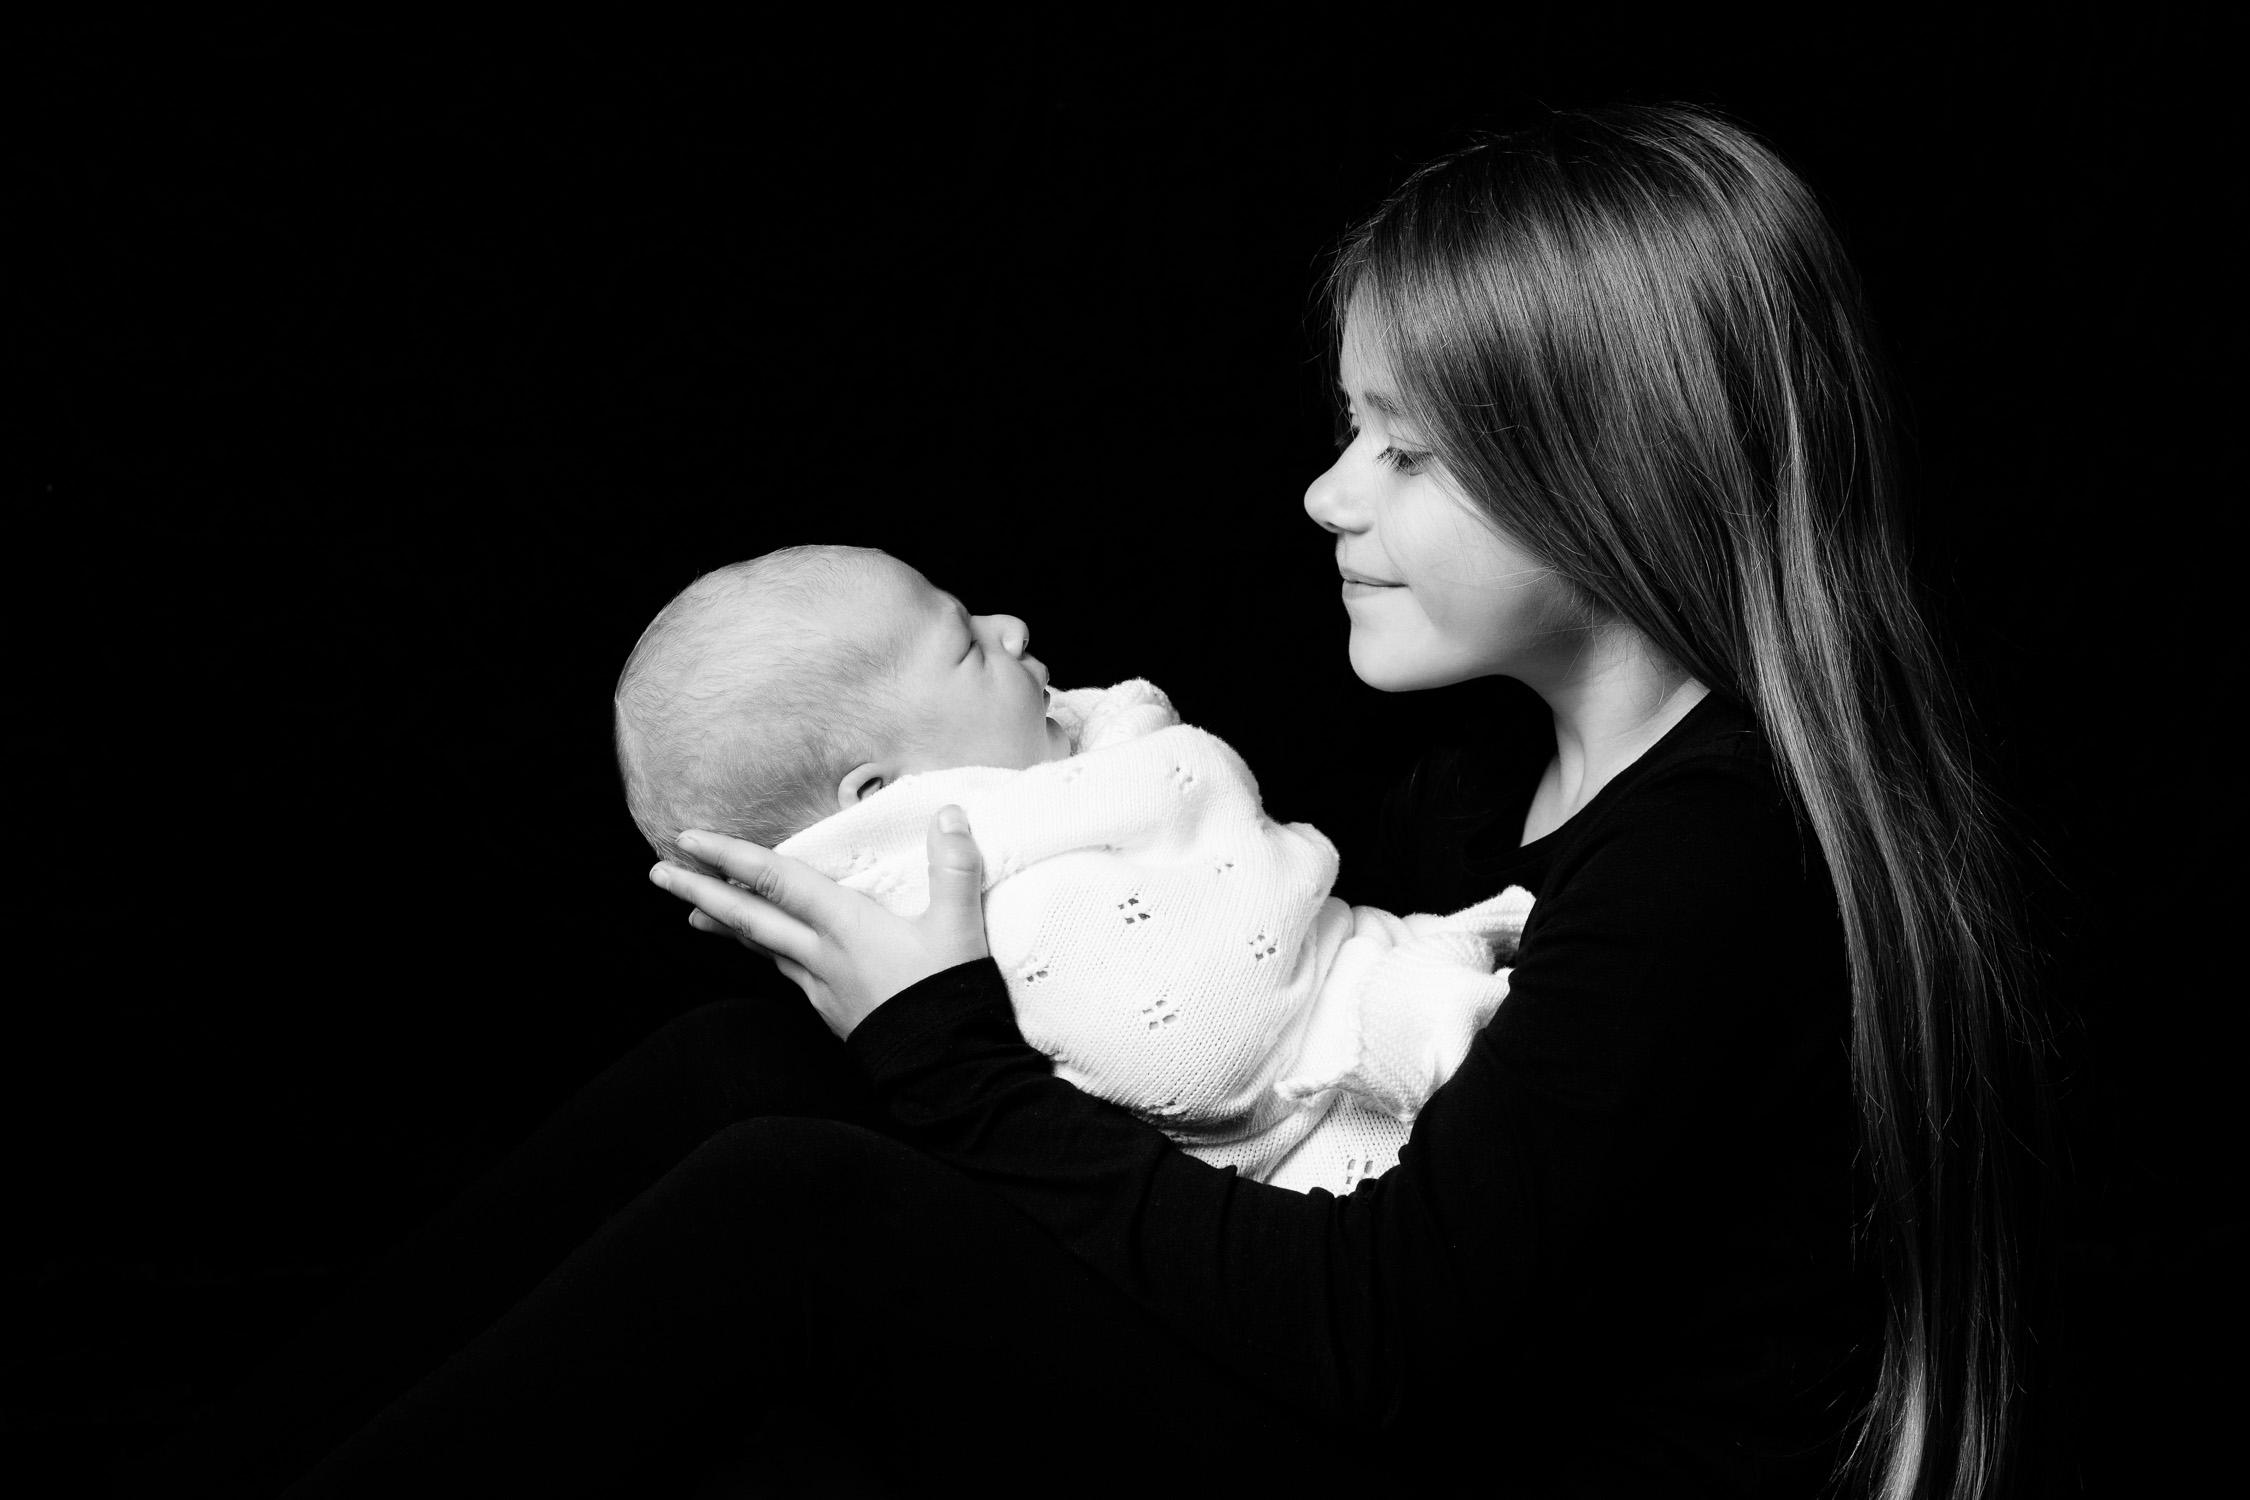 nyfødt-nyfødtfotograf-nyfødtfotografering-fotograf-hodnedesign-pål-hodne--2.jpg